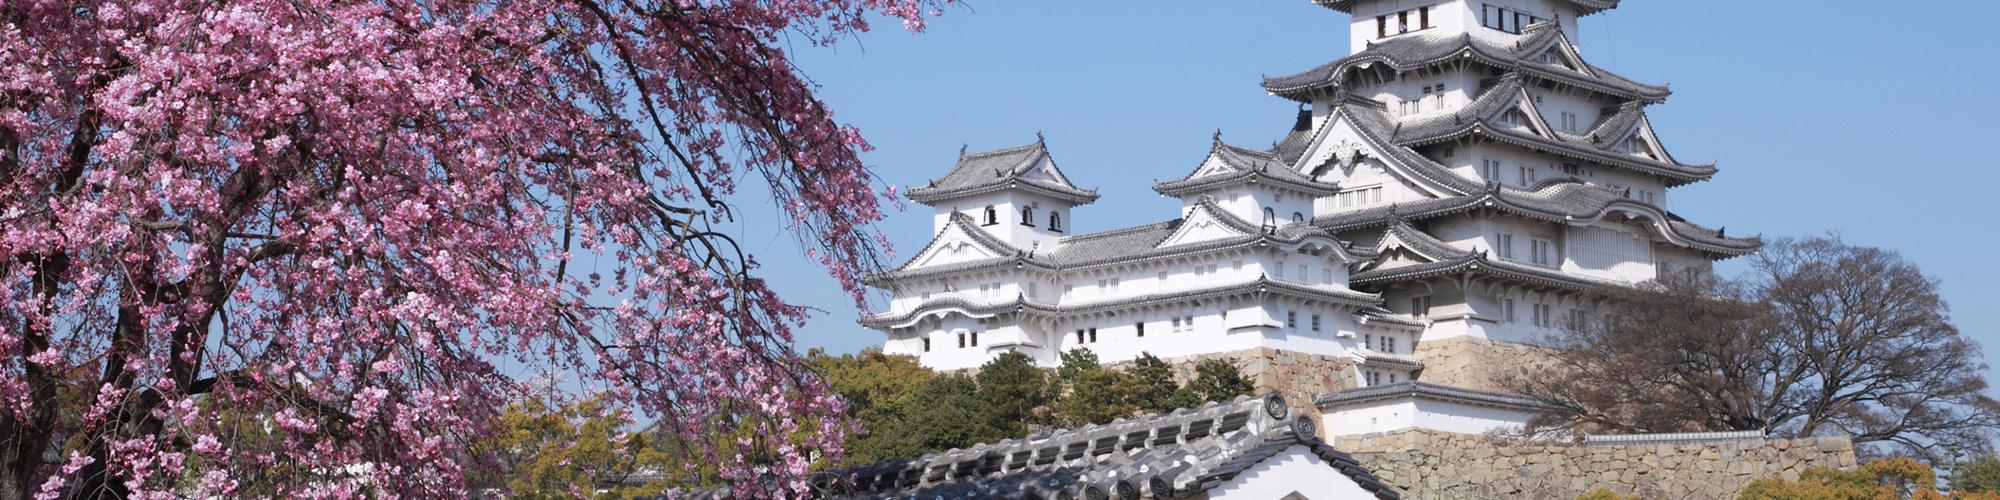 Japón, ¡El contraste de lo tradicional y moderno! - El País Viajes